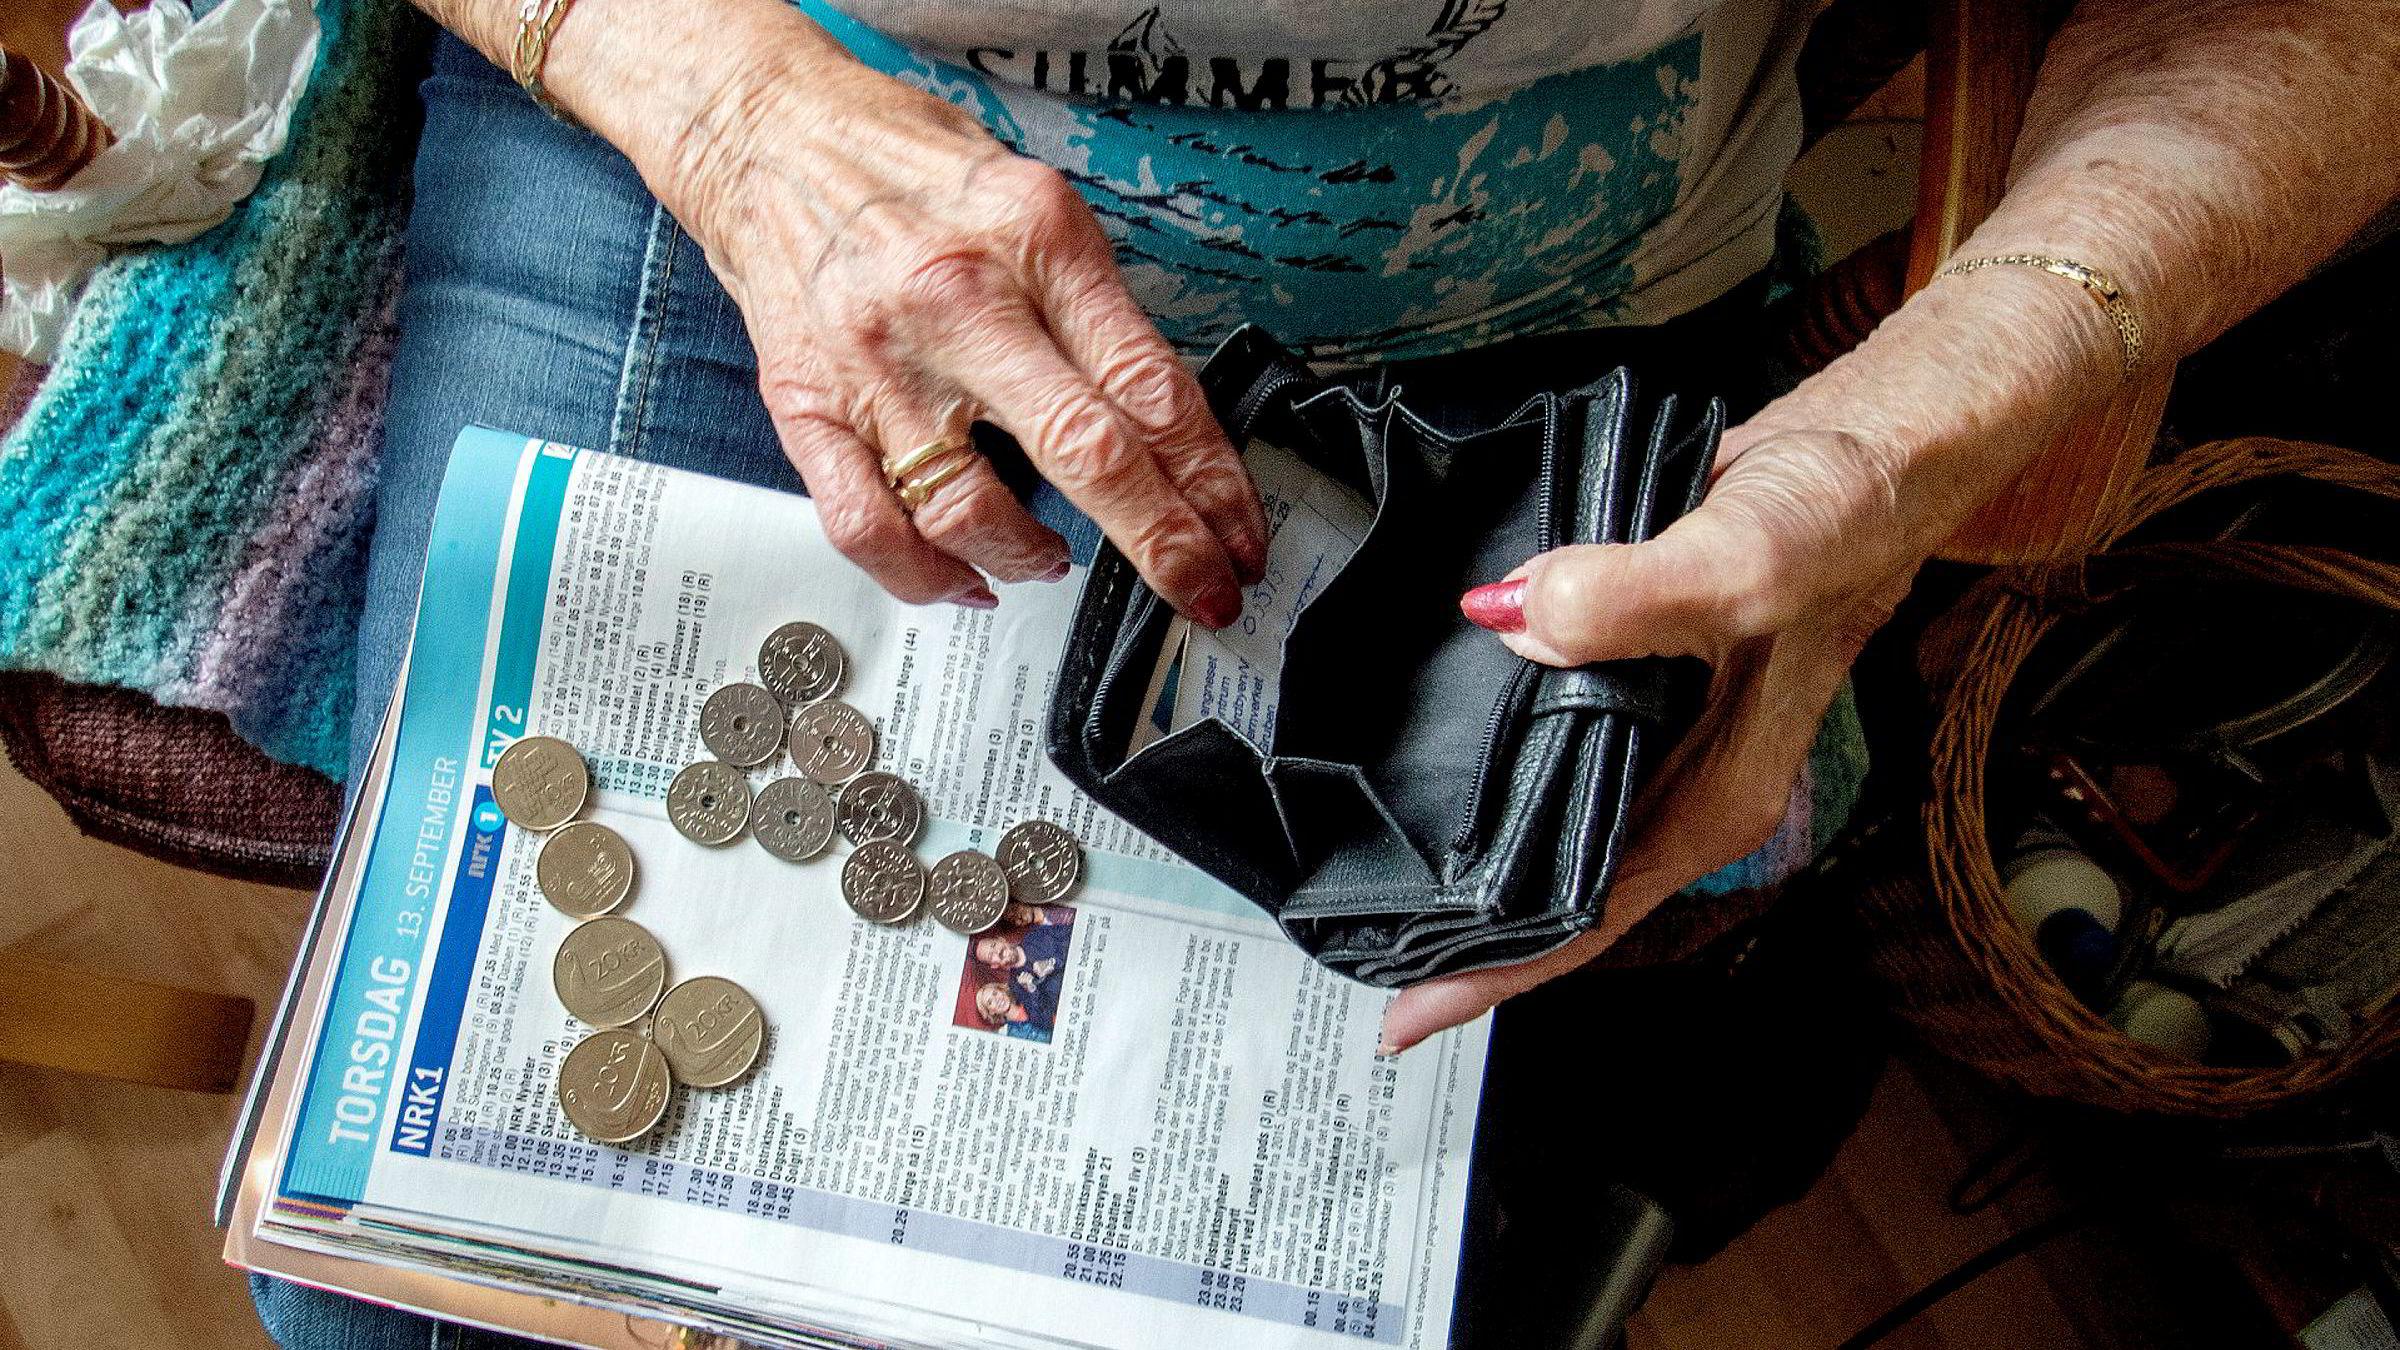 Eldre over hele verden er friskere og lever lenger enn tidligere, noe som setter pensjonsordninger i land over hele verden på en utfordring. Illustrasjonsfoto: Frank May / NTB scanpix